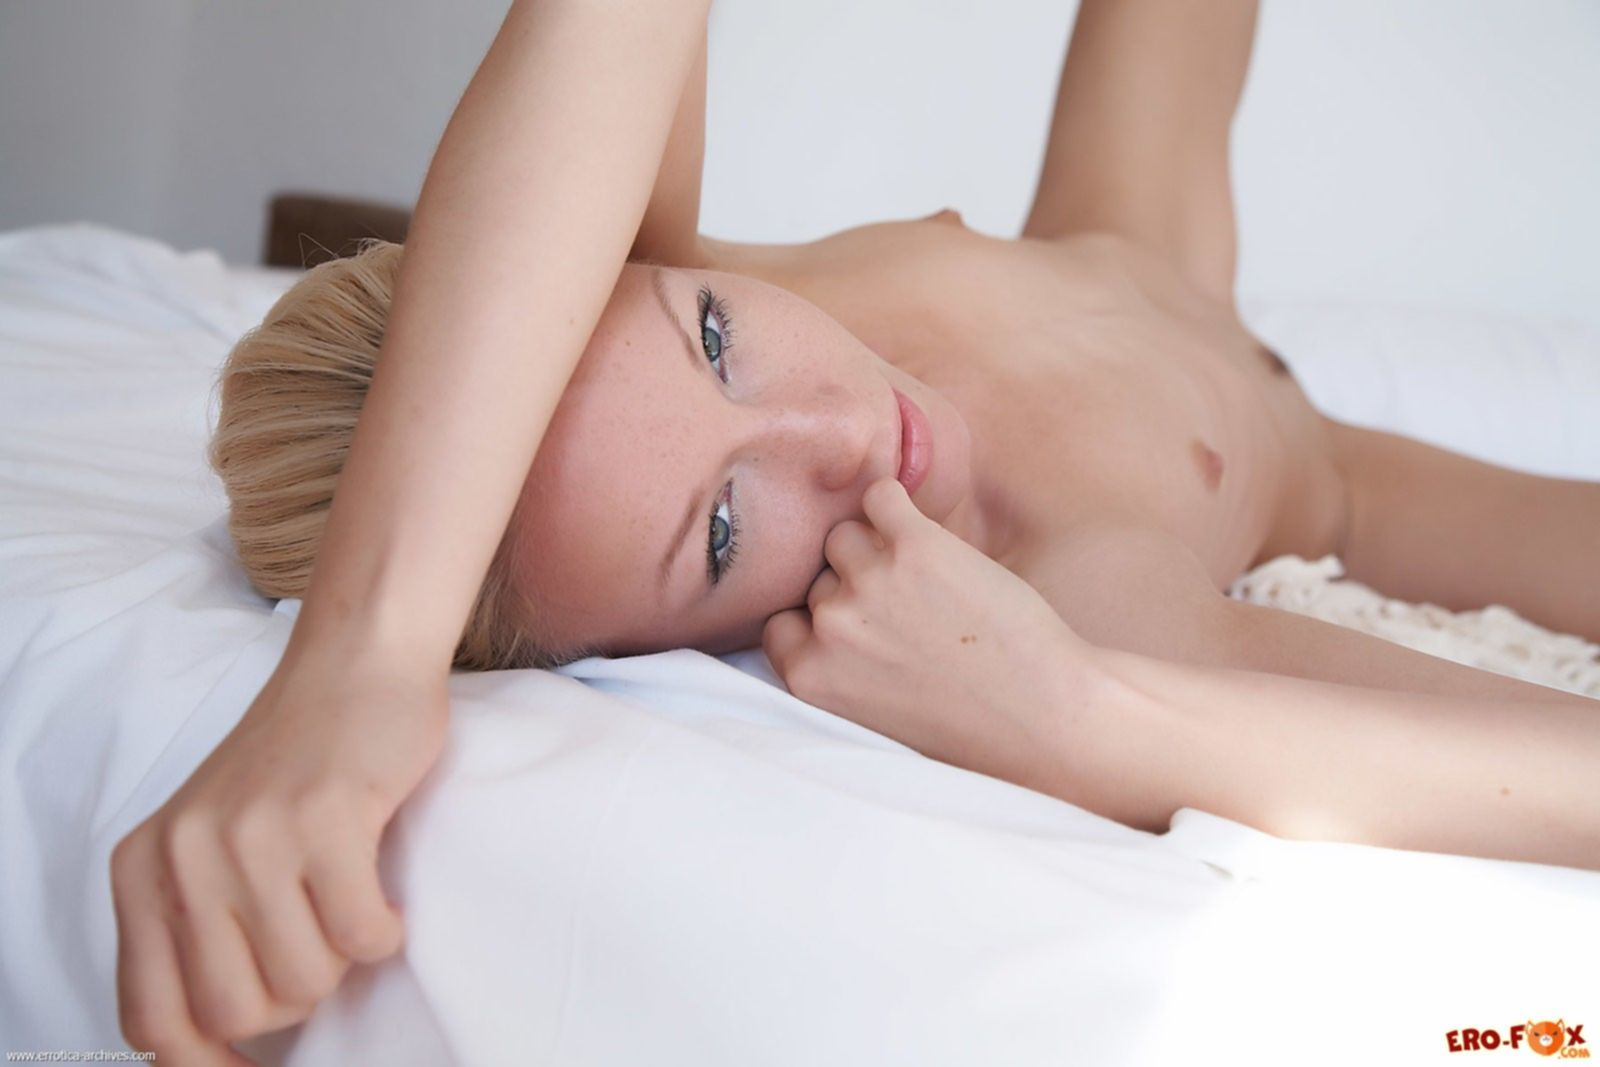 Показала свои сладкие дырочки на кровати - фото